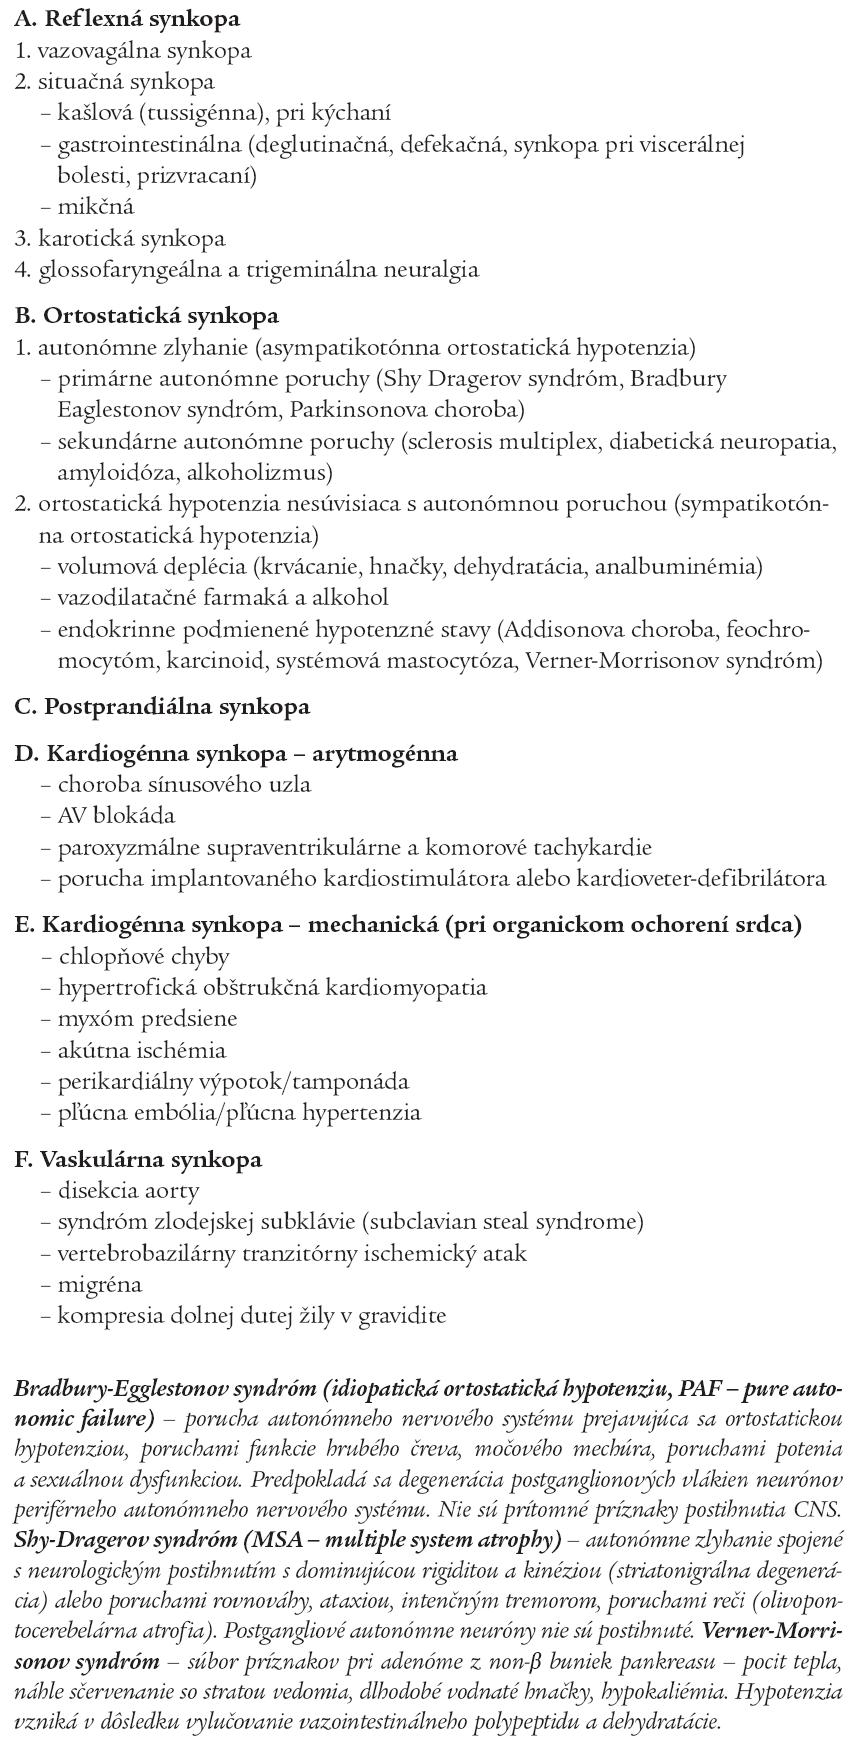 Klasifikácia synkopálnych stavov.